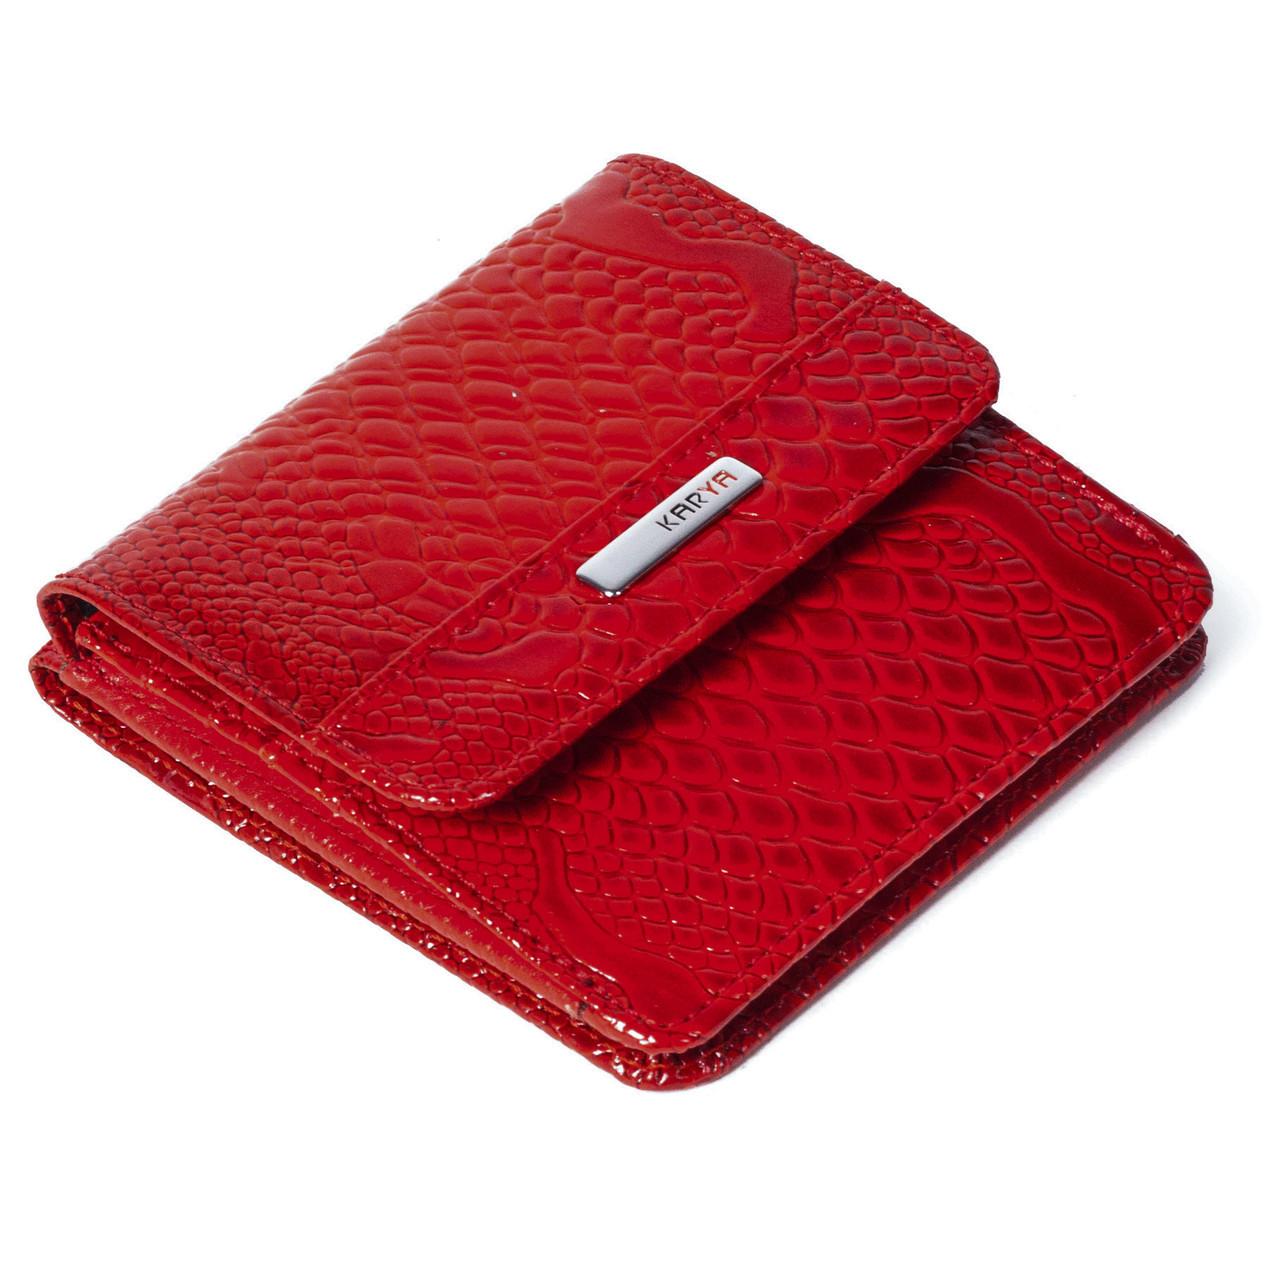 4c27815c49c5 Маленький женский кошелек кожаный красный Karya 1106-019 - Тибериус —  магазин стильных аксессуаров из